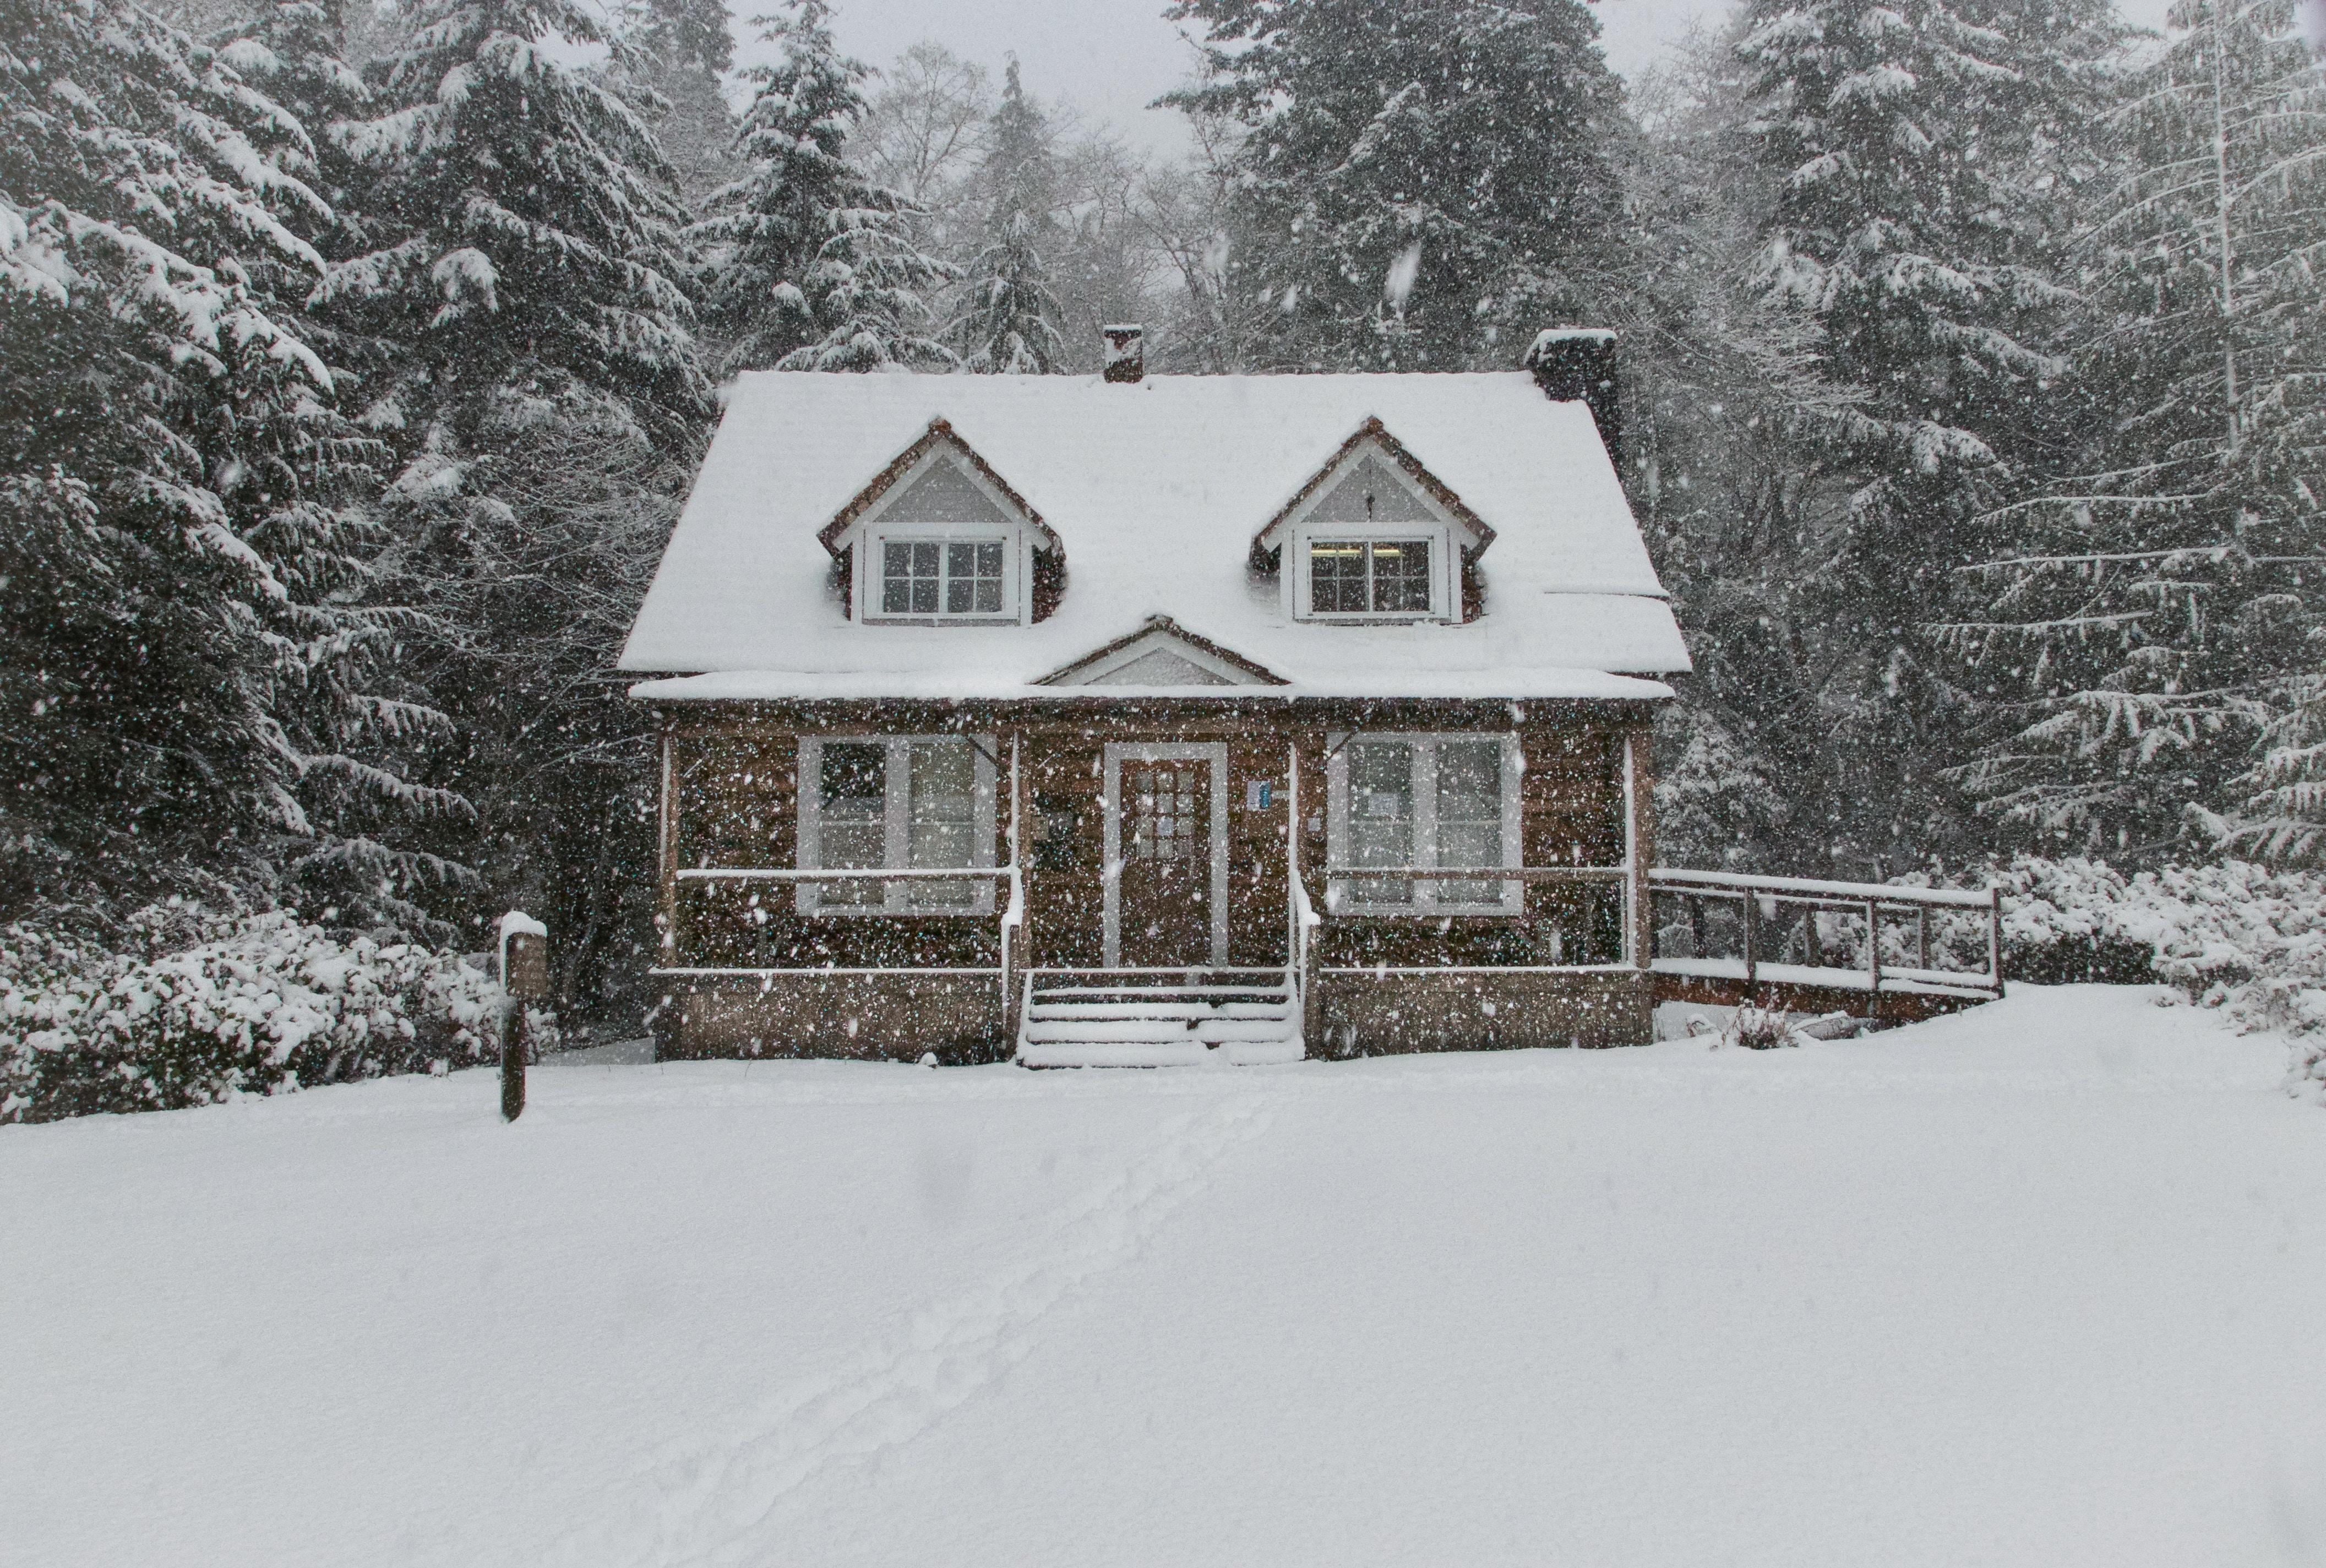 Аренда жилья на Airbnb: 8 уютных домиков для идеального зимнего отдыха в США